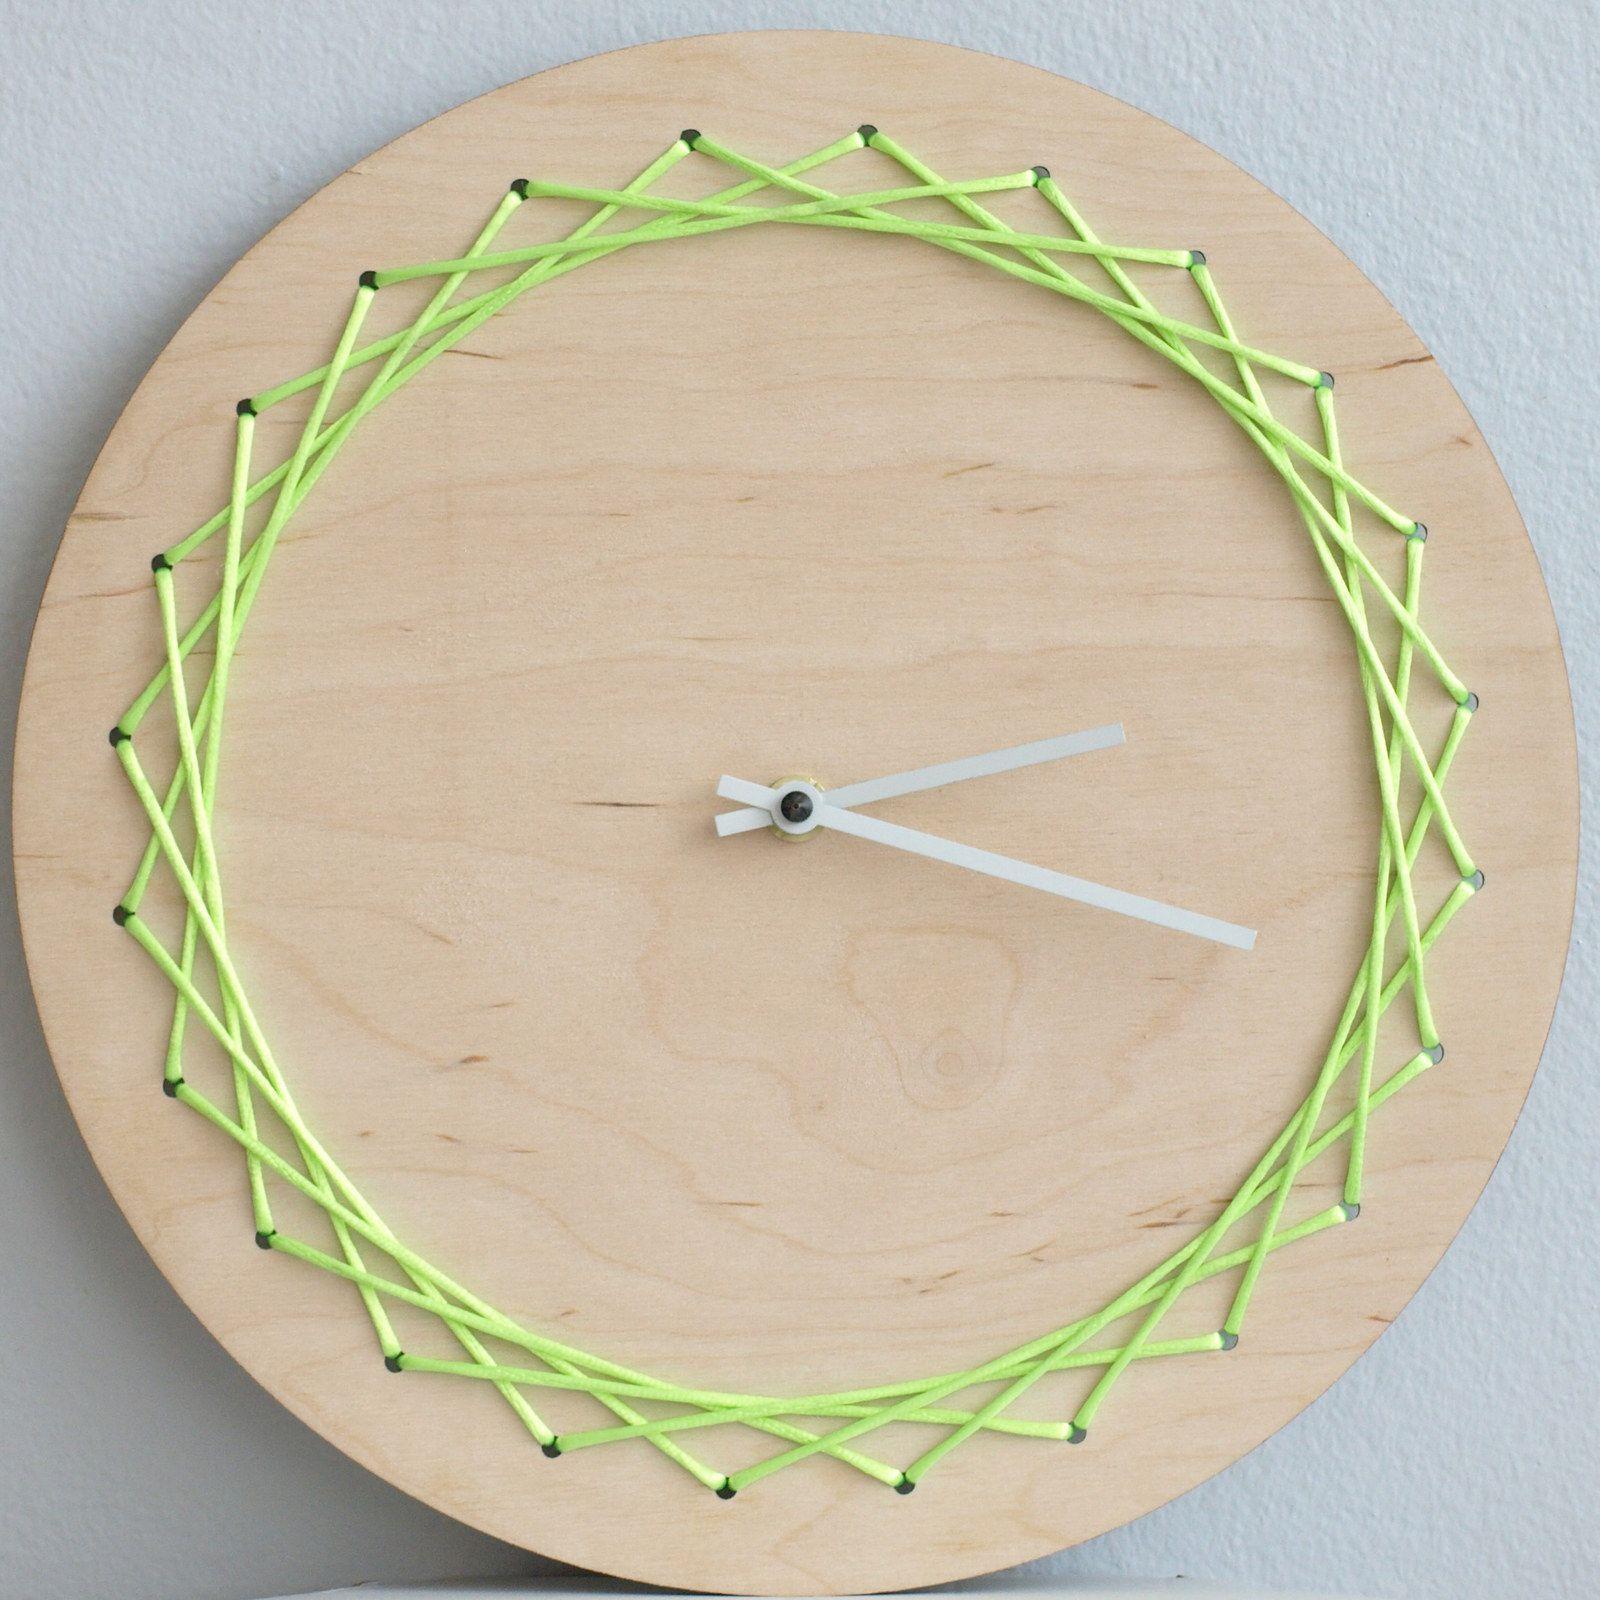 Vyplétané hodiny Moderní a hravé hodiny, z příjemného přírodního materiálu. Barva ručiček je možná bílá nebo černá. materiál: dřevo (březová překližka tloušťky 5mm), šňůra - satén Různé barevné možnosti šňůrky. Průměr kruhu 30cm Další výplet, tentokrát na náušnicích...